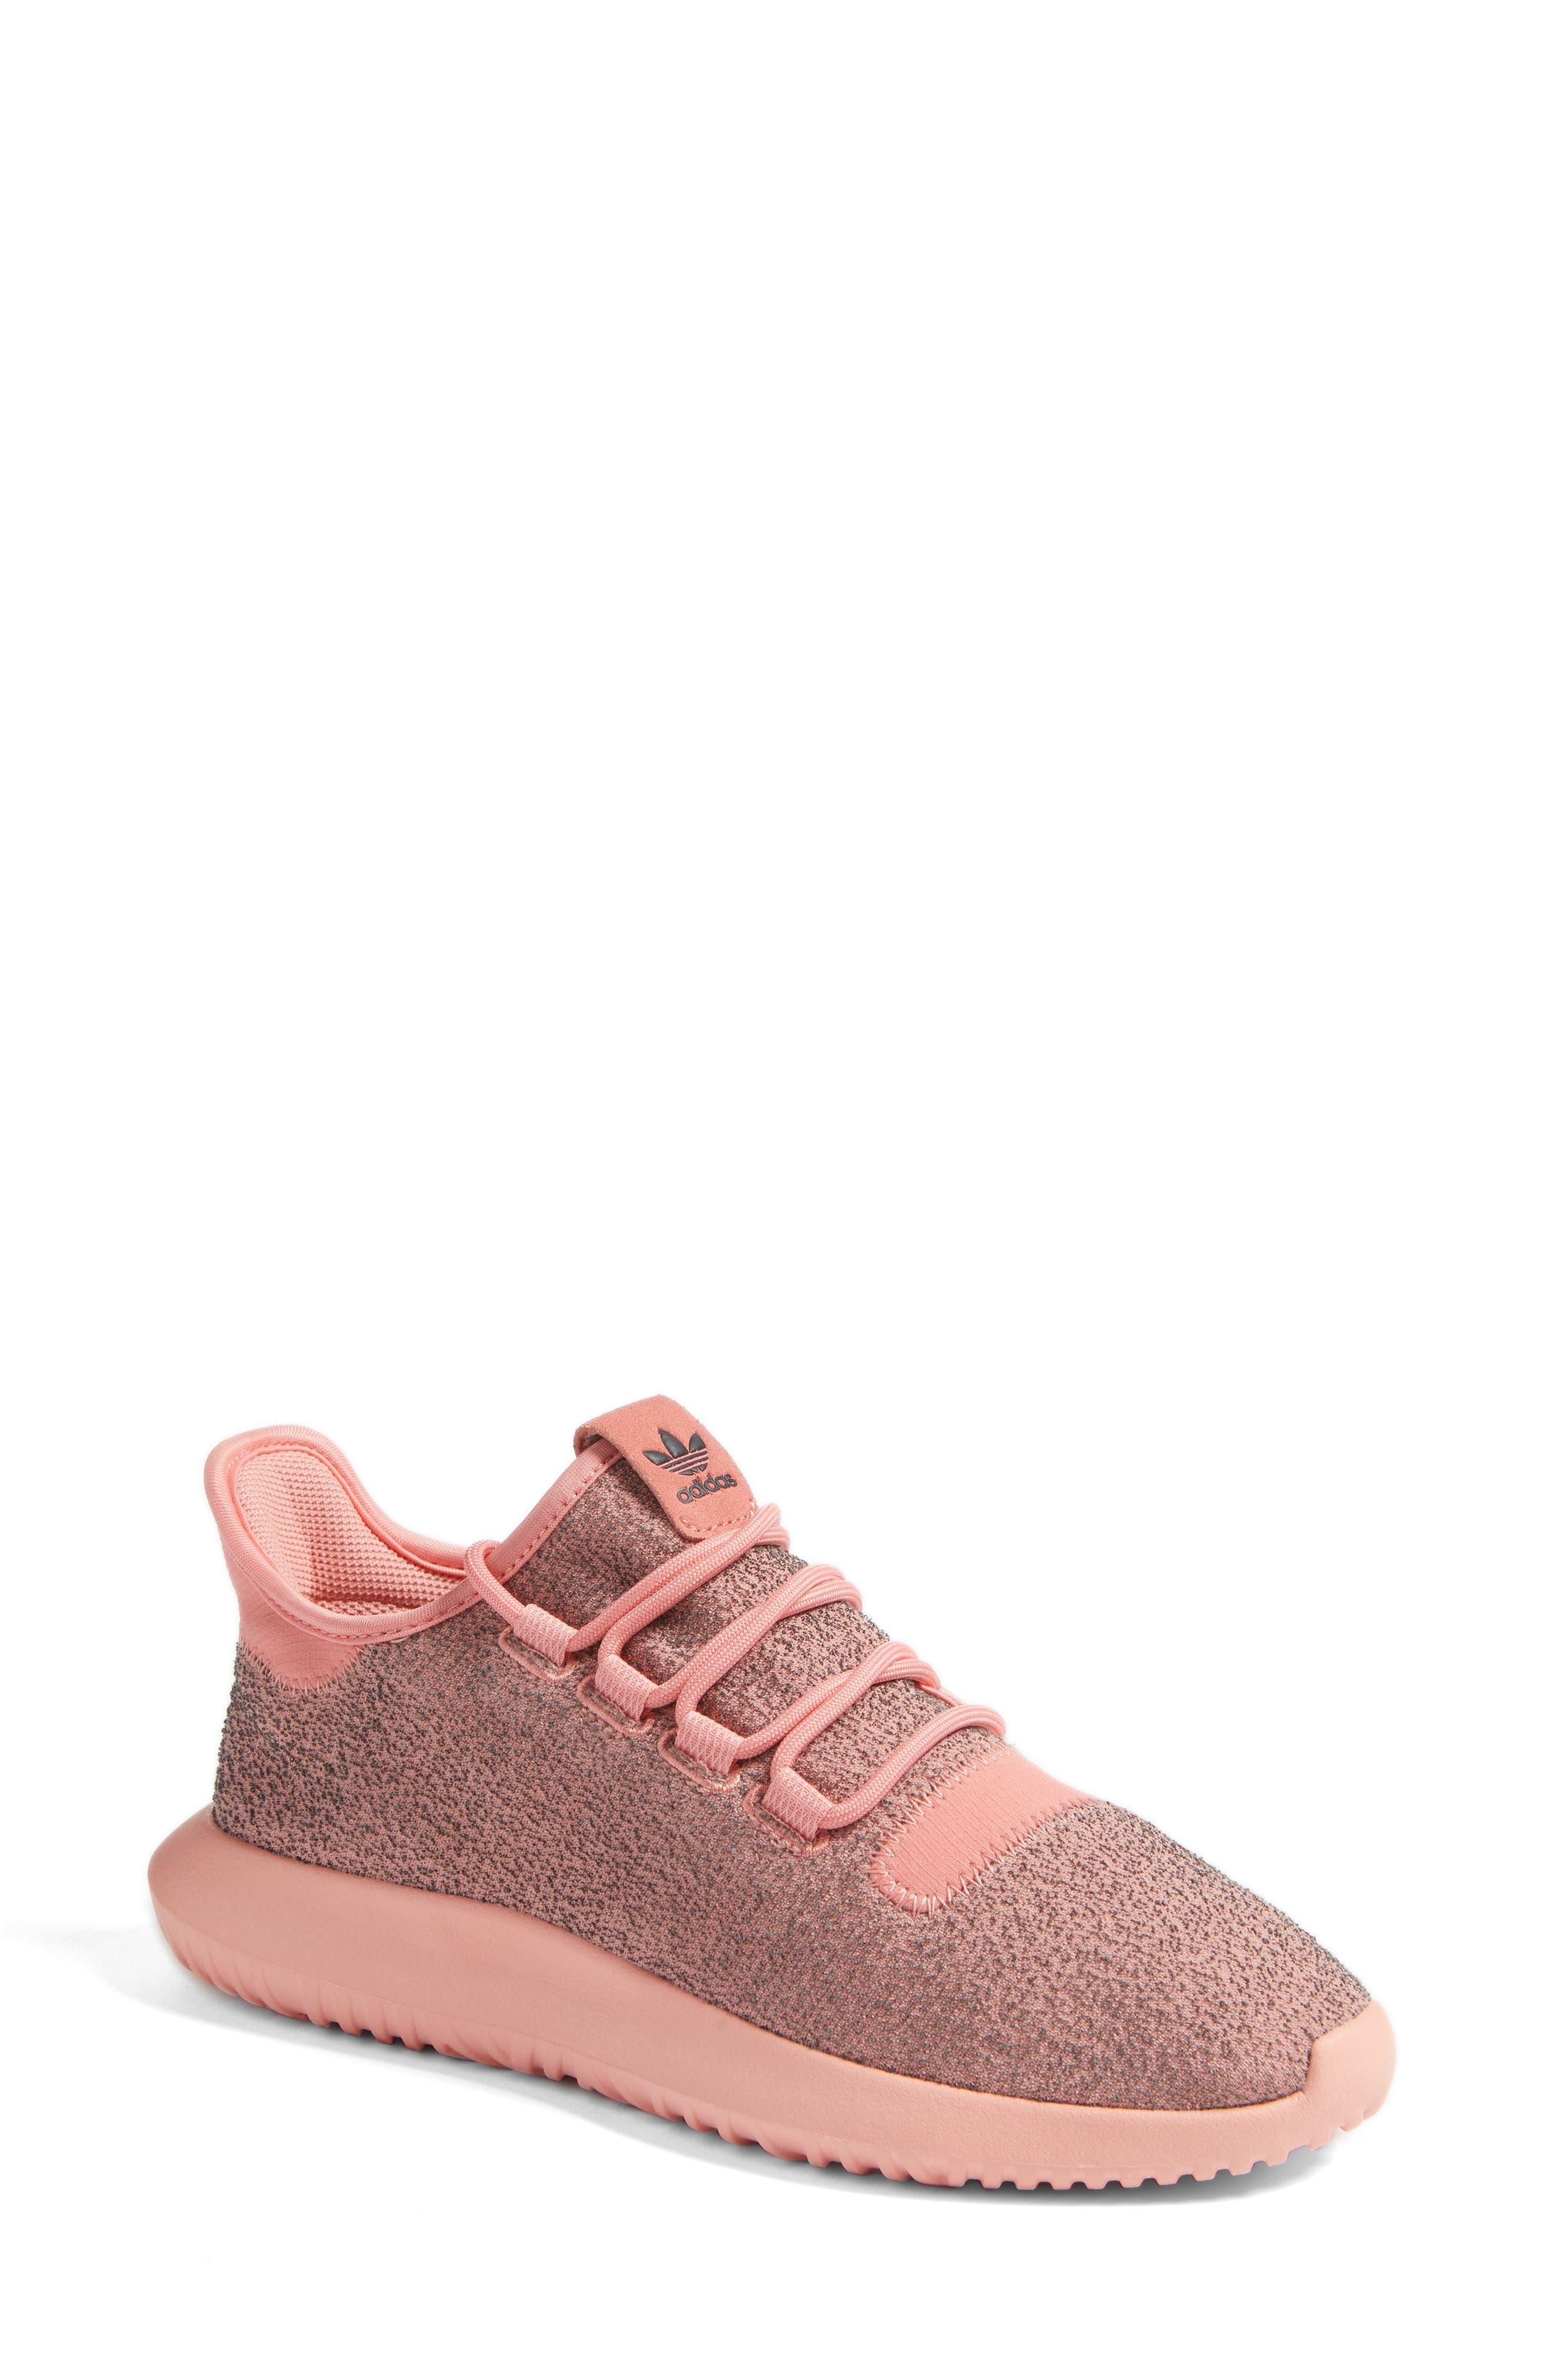 Tubular Shadow Sneaker,                             Main thumbnail 1, color,                             Raw Pink/ Raw Pink